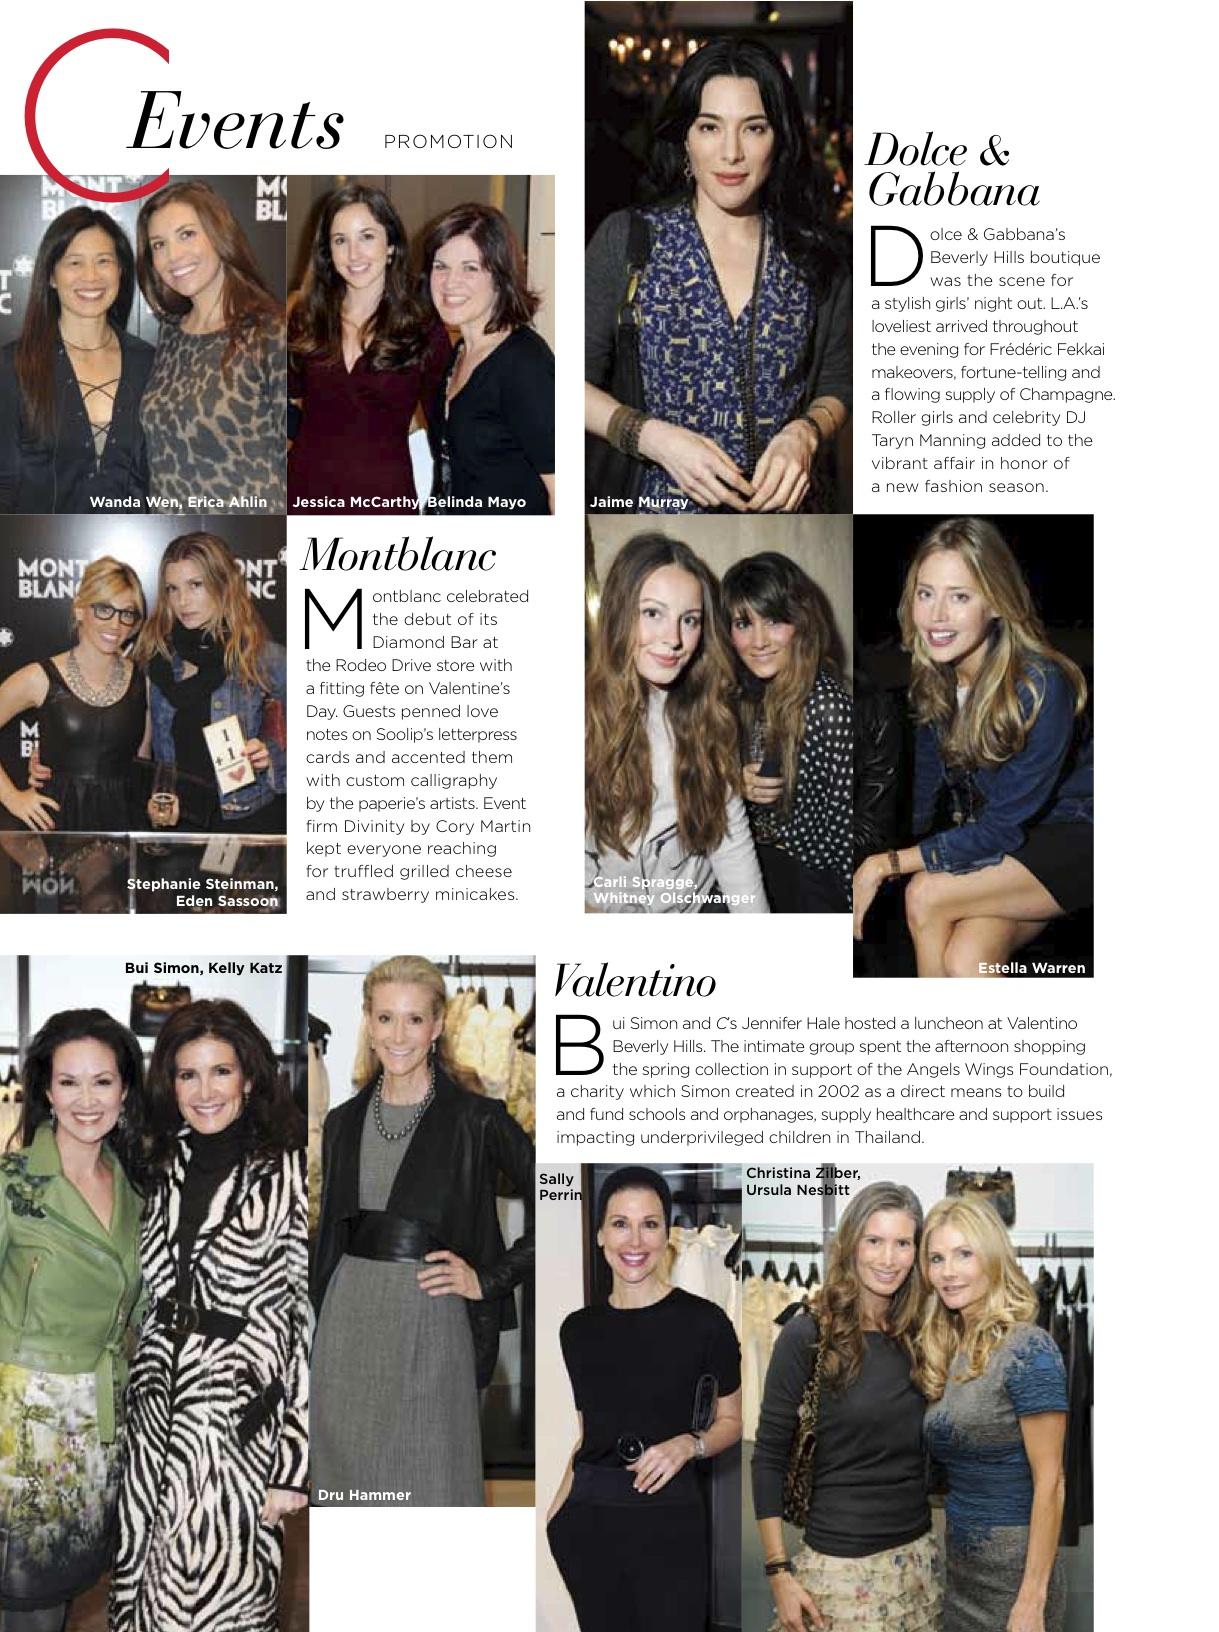 07/01/11 - C Magazine